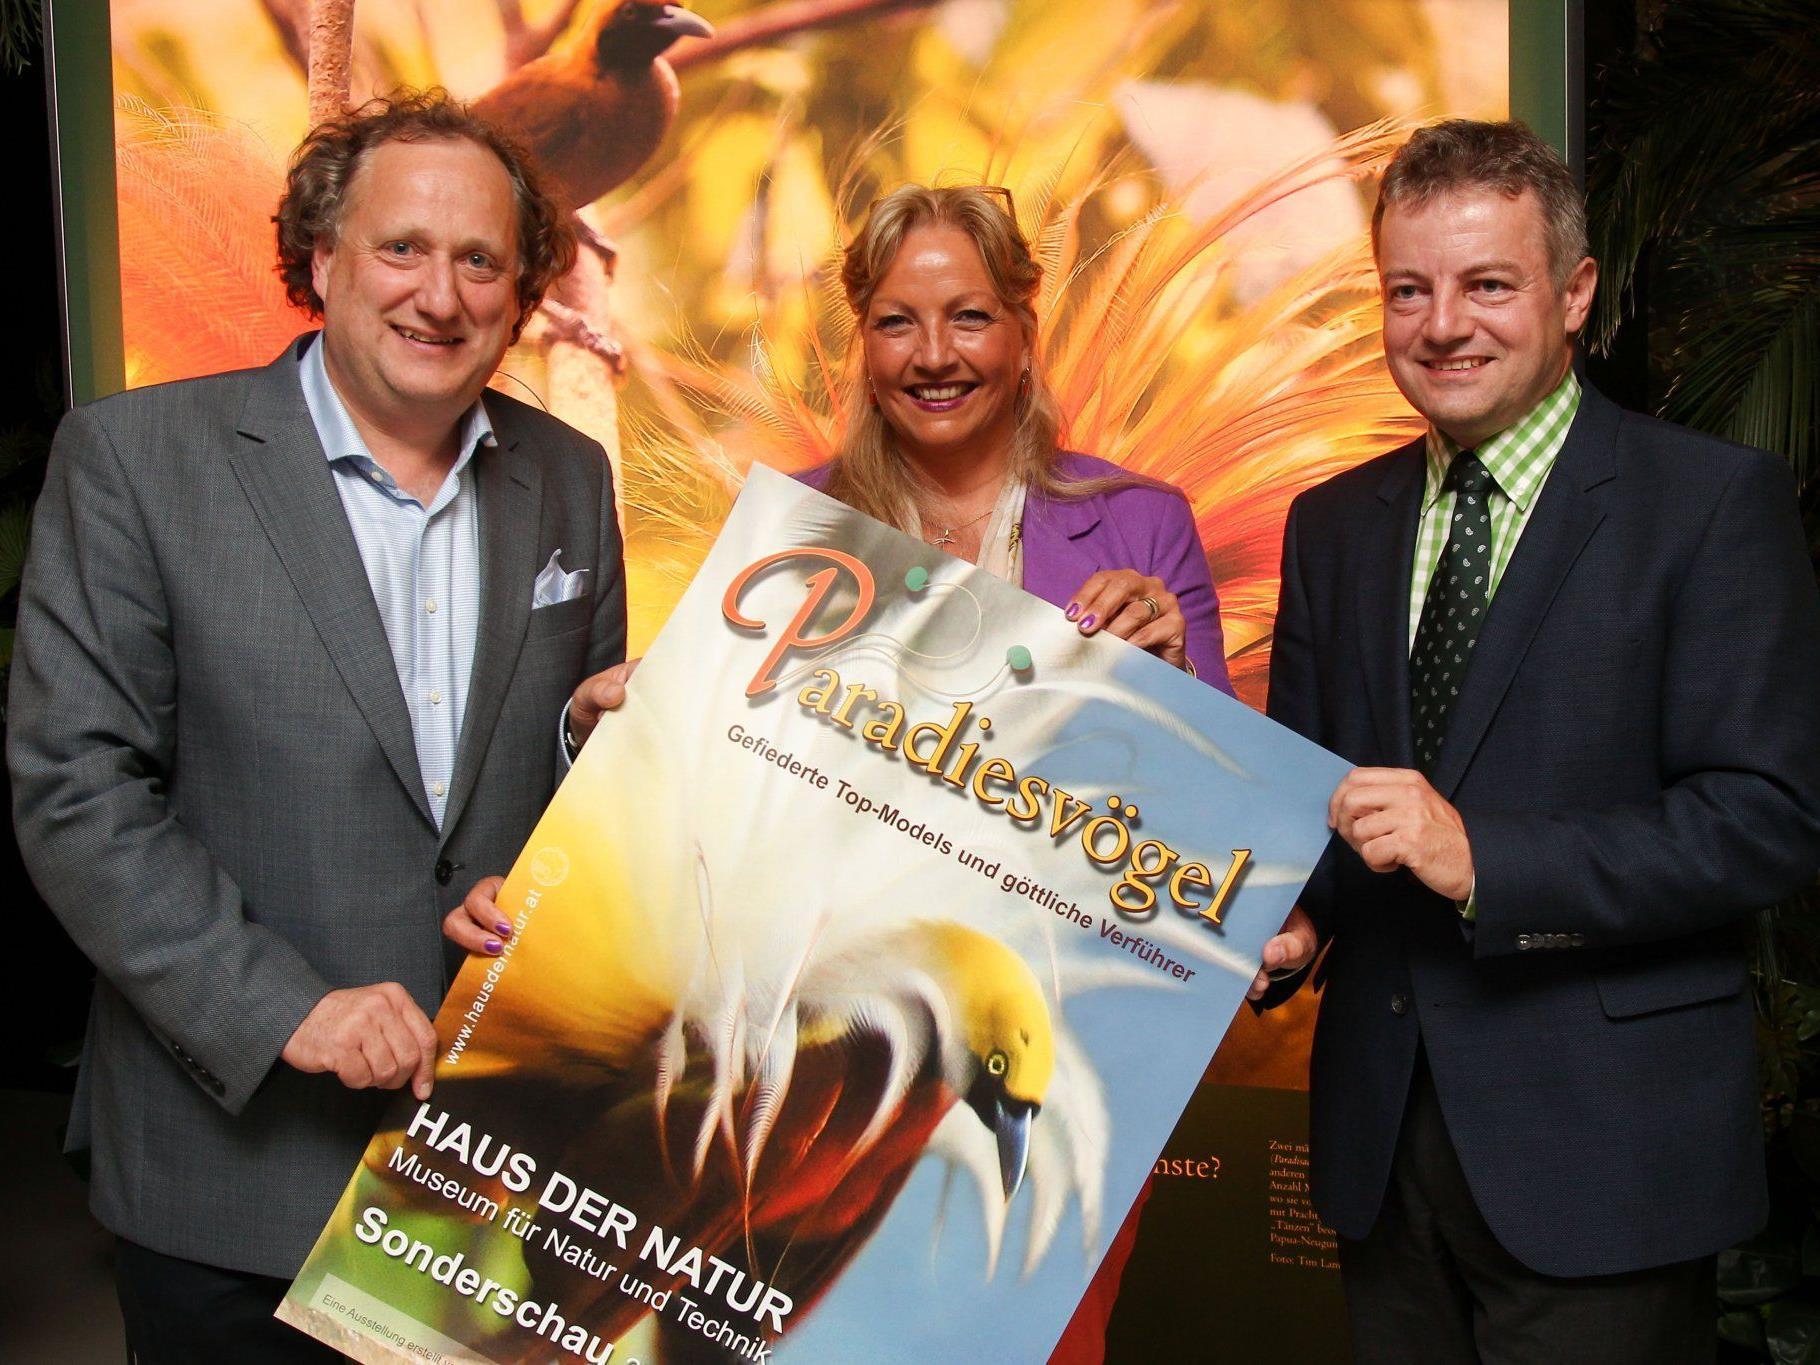 V.l.n.r.: Haus der Natur-Direktor Norbert Winding, Landesrätin Tina Widmann und Michael Apel.